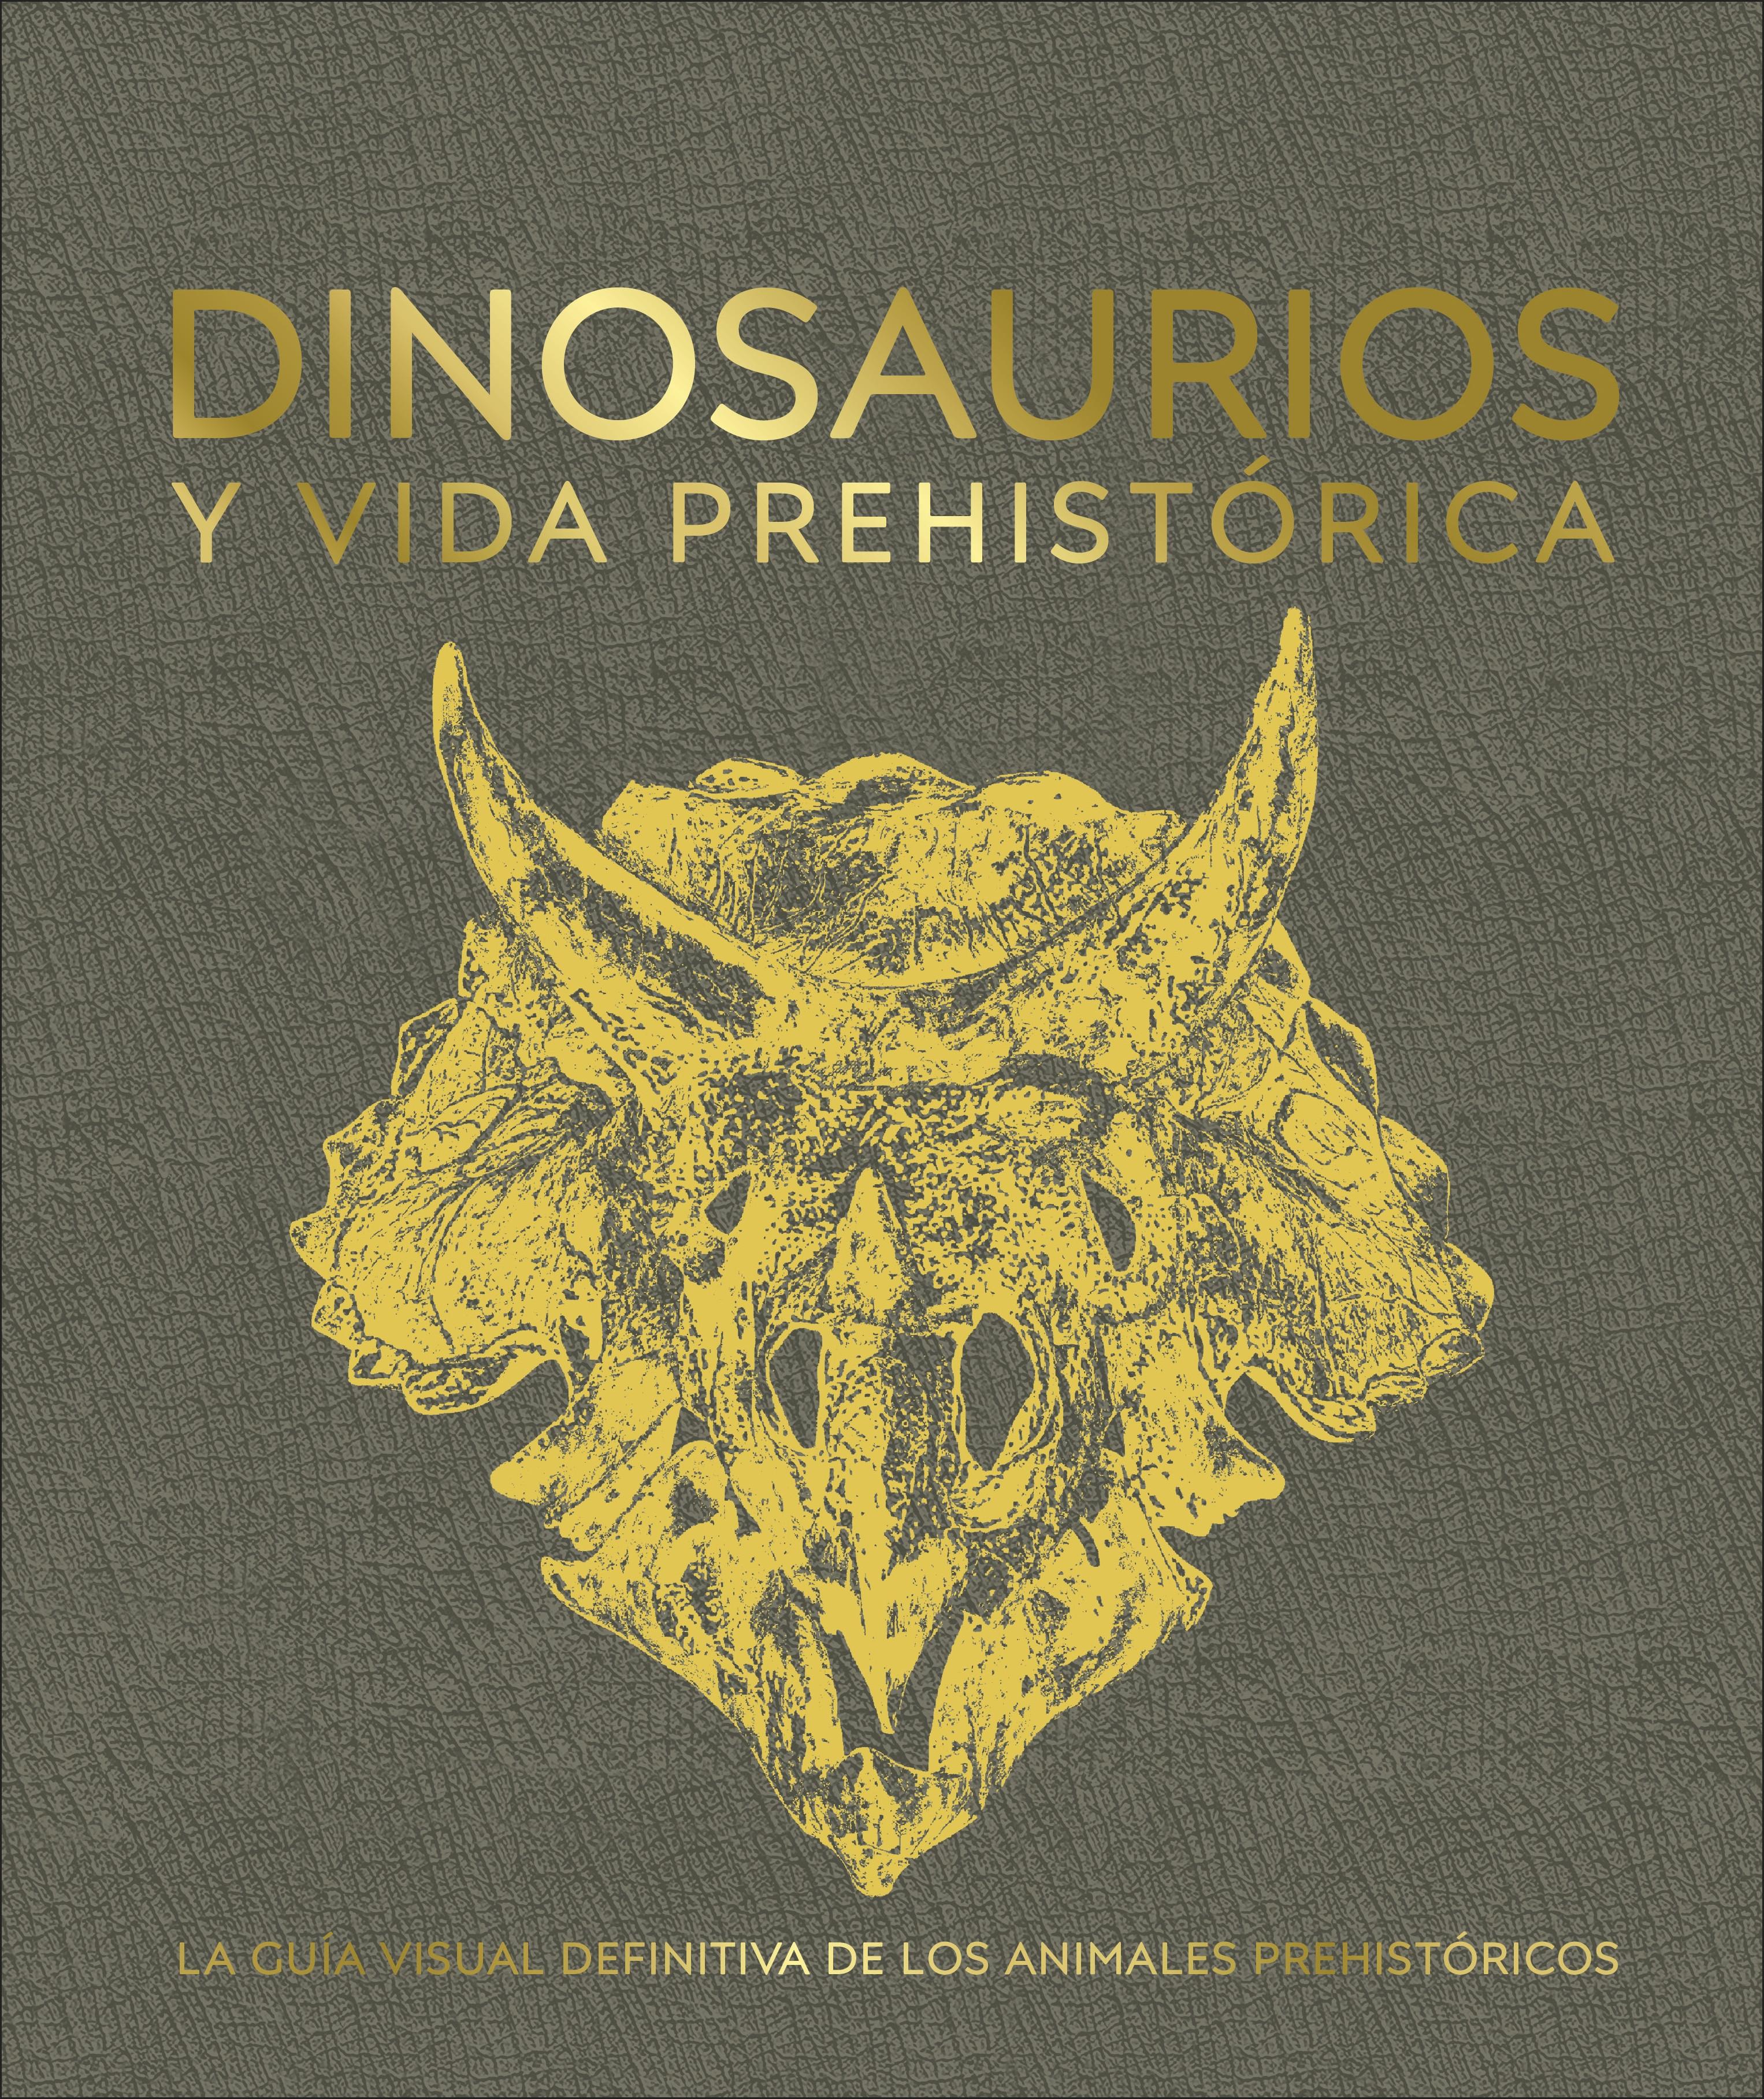 Dinosaurios y vida prehistórica